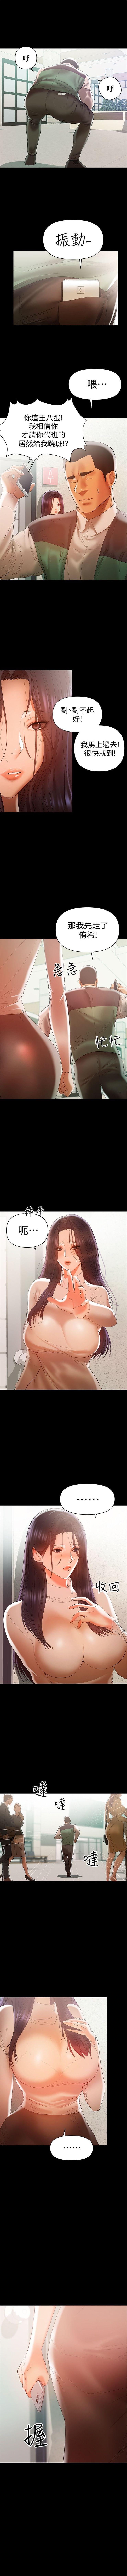 (週6)兼職奶媽 1-31 中文翻譯 (更新中) 83